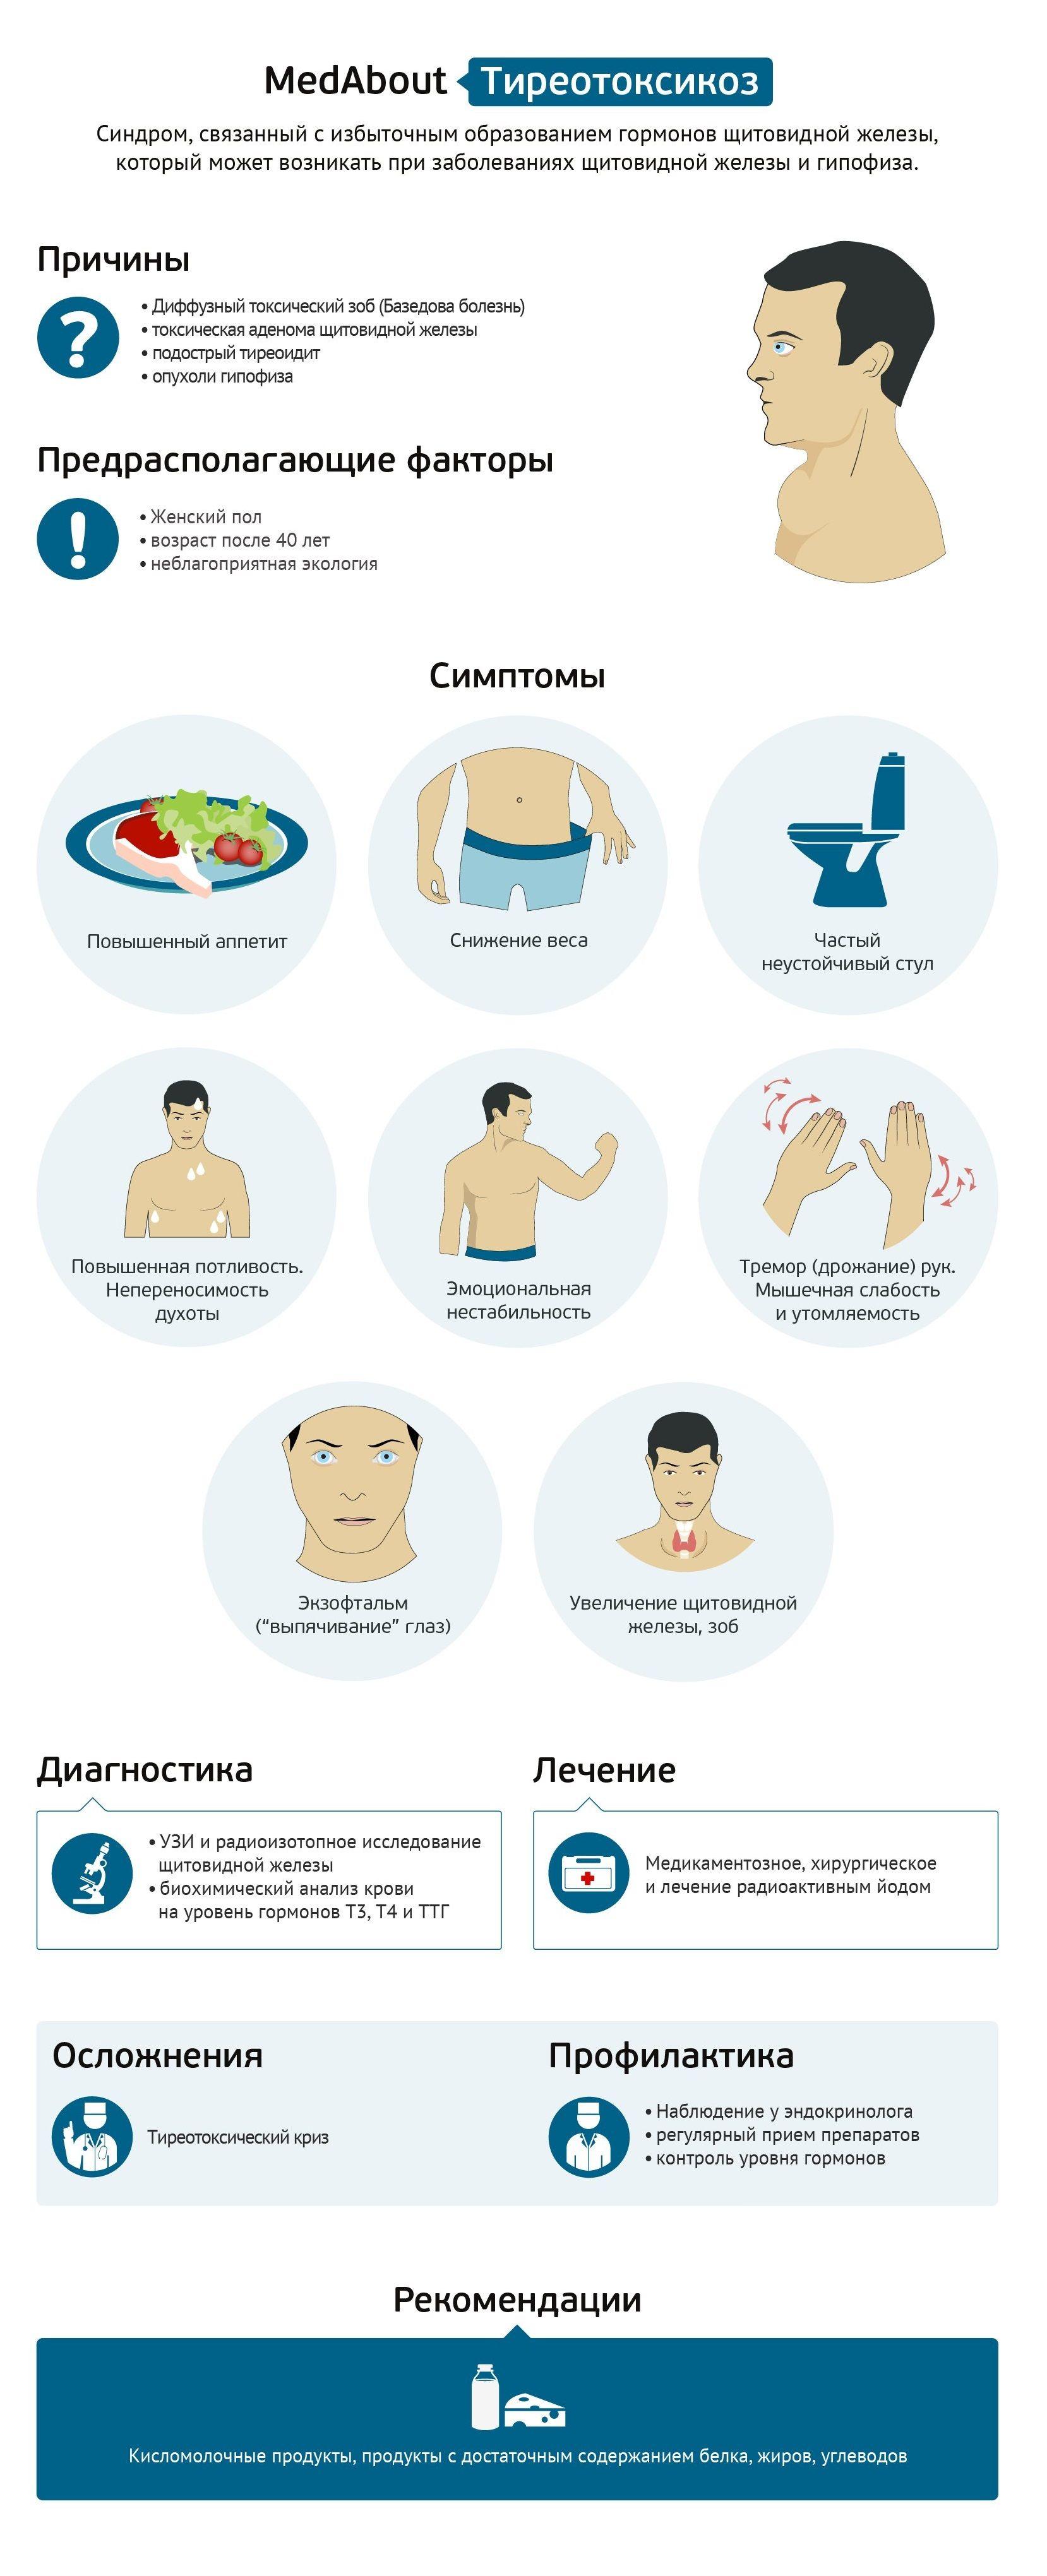 Тиреотоксикоз — симптомы у женщин и мужчин, лечение 2